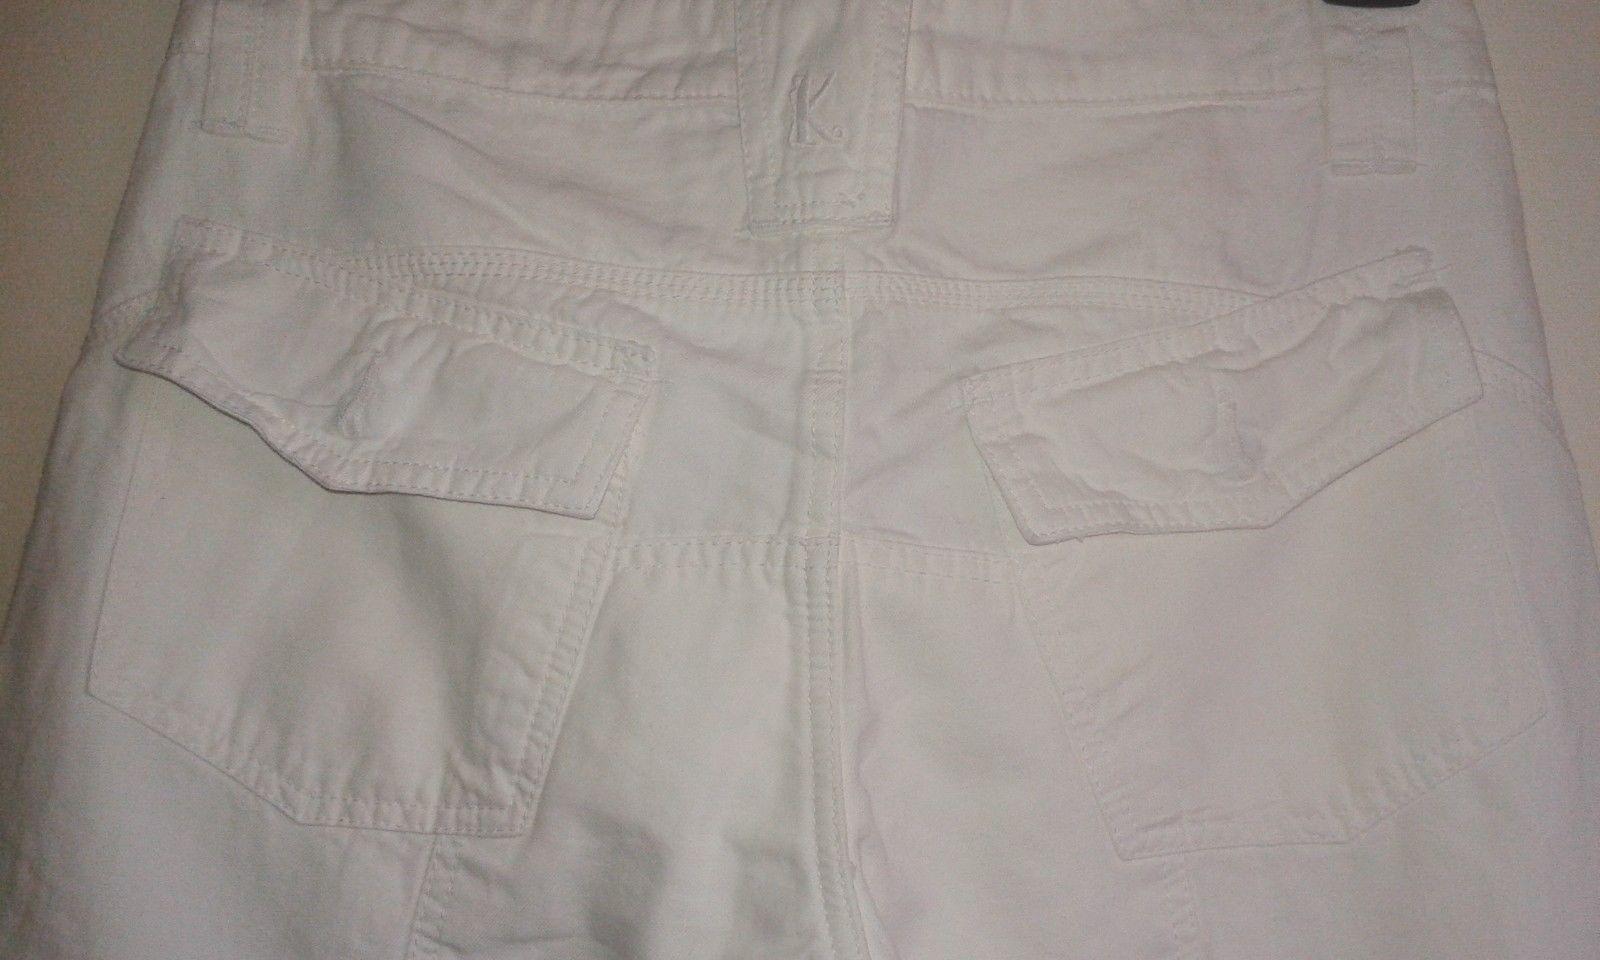 KENZO Paris Cotton Cotton Cotton Linen Blend Casual Trousers Pants Weiß   W30 L33 e79ea2